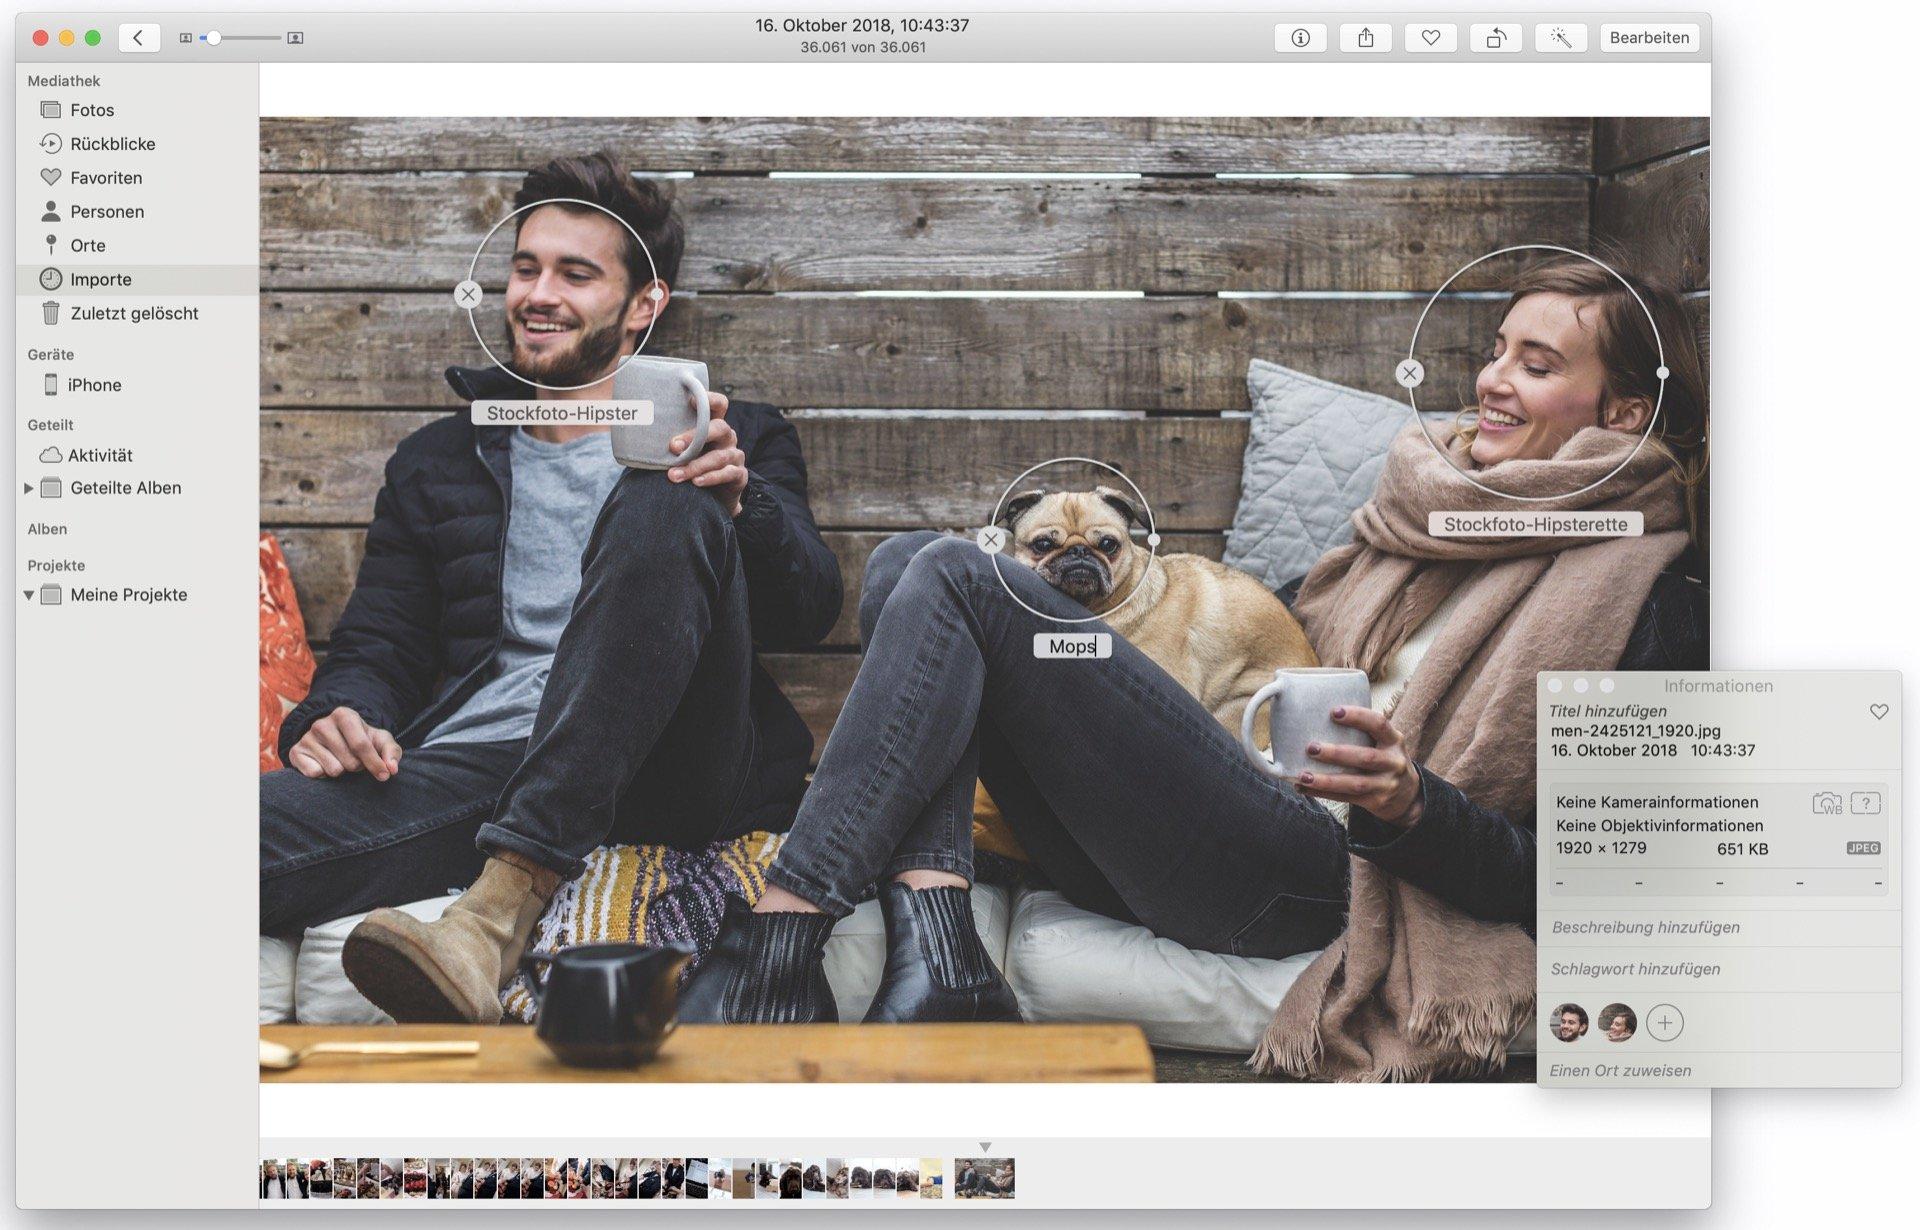 Fotos hat sich geweigert, die beiden Hipster zu erkennen. (Fotoquelle: 5688709/Pixabay)